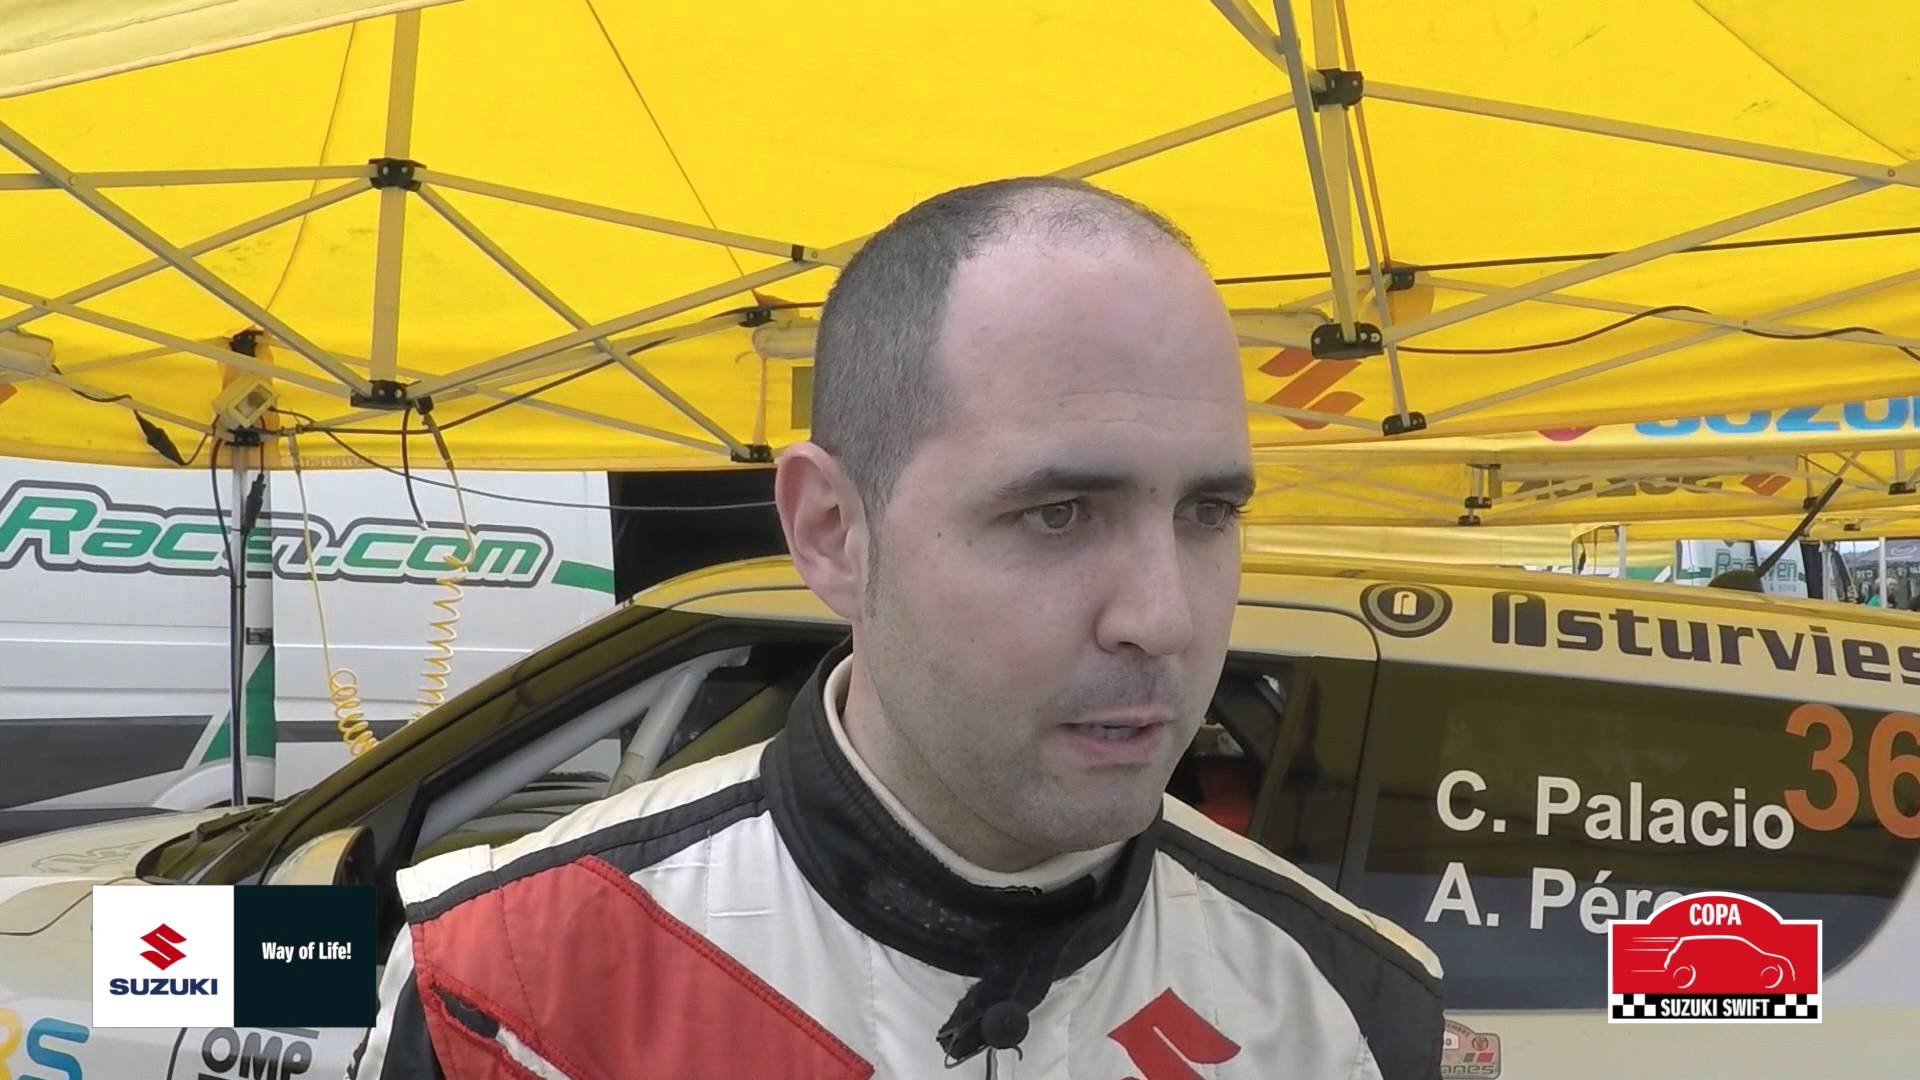 Conoce a los pilotos de la Copa Suzuki Swift 2015. Hoy César Palacio